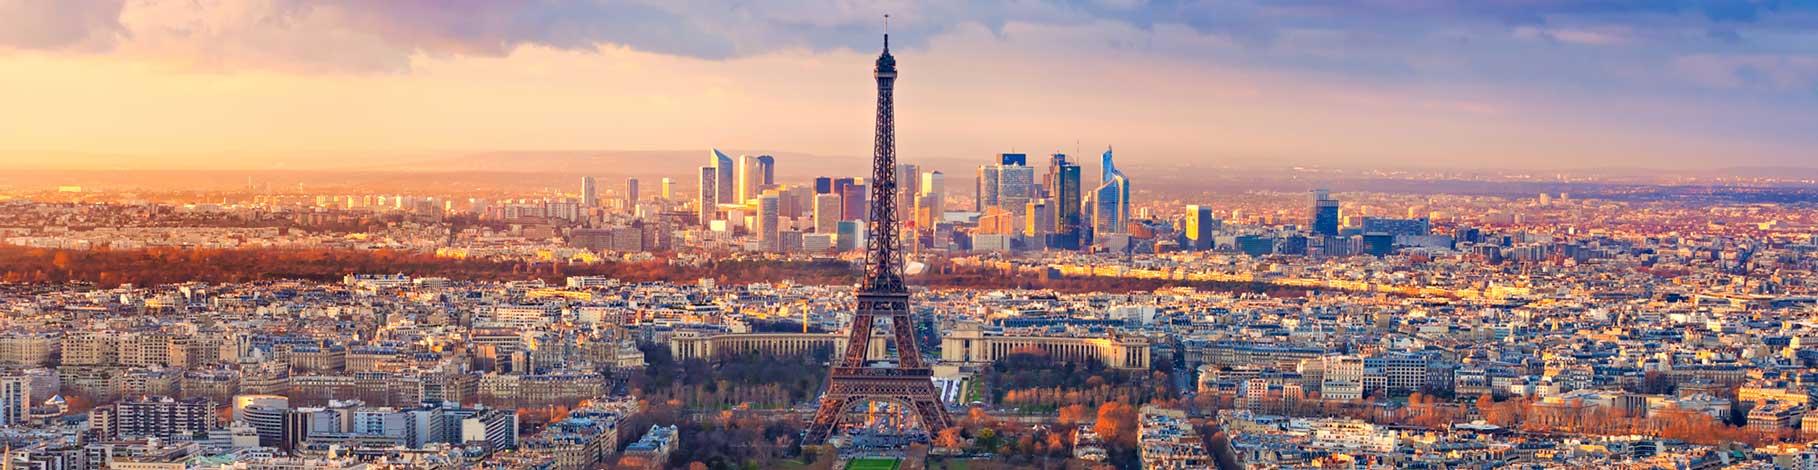 Paris Eiffel Tower and city scape